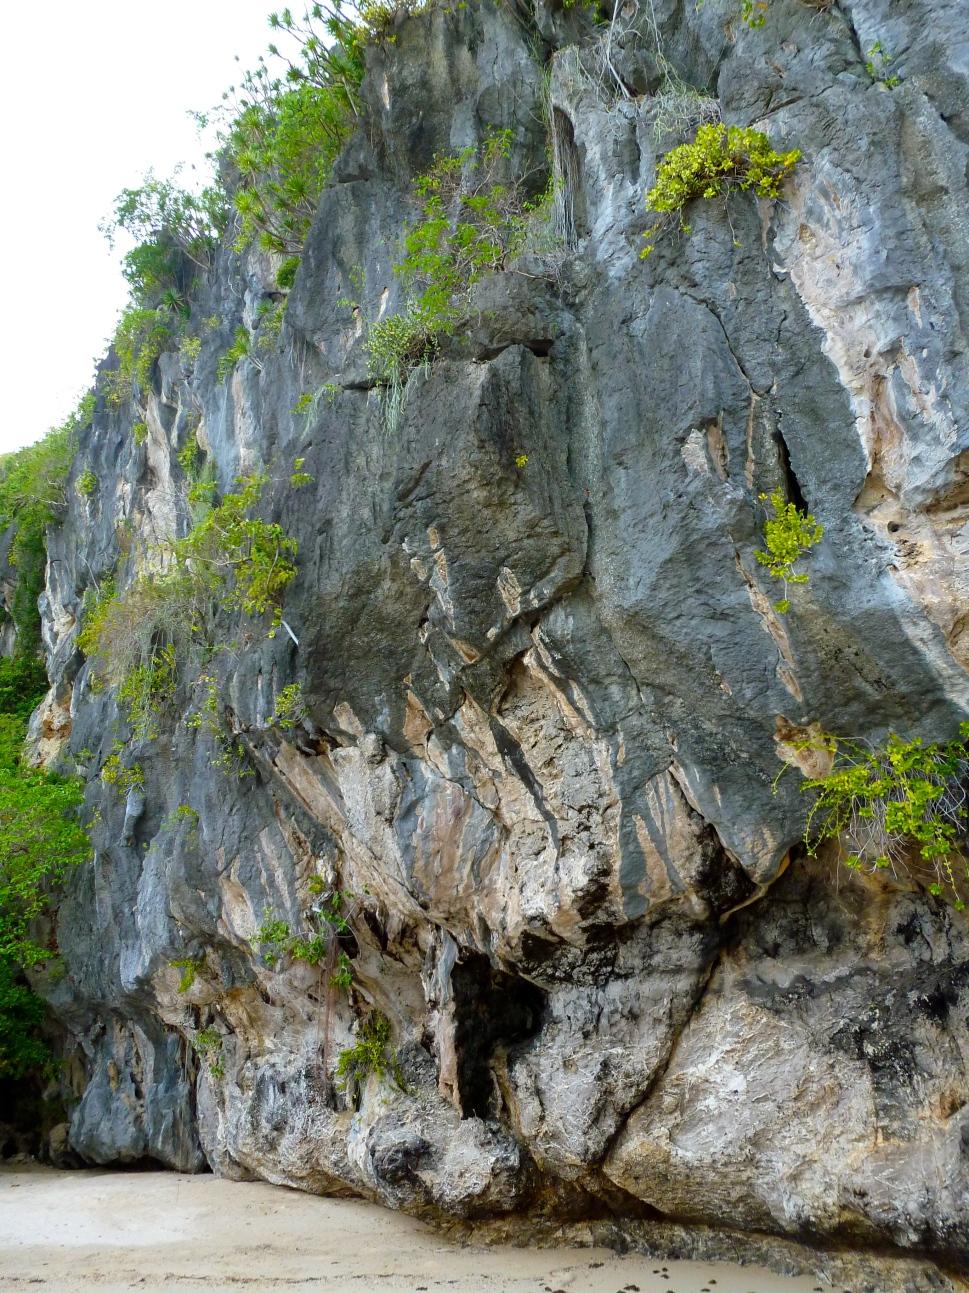 cliffs of ell nido